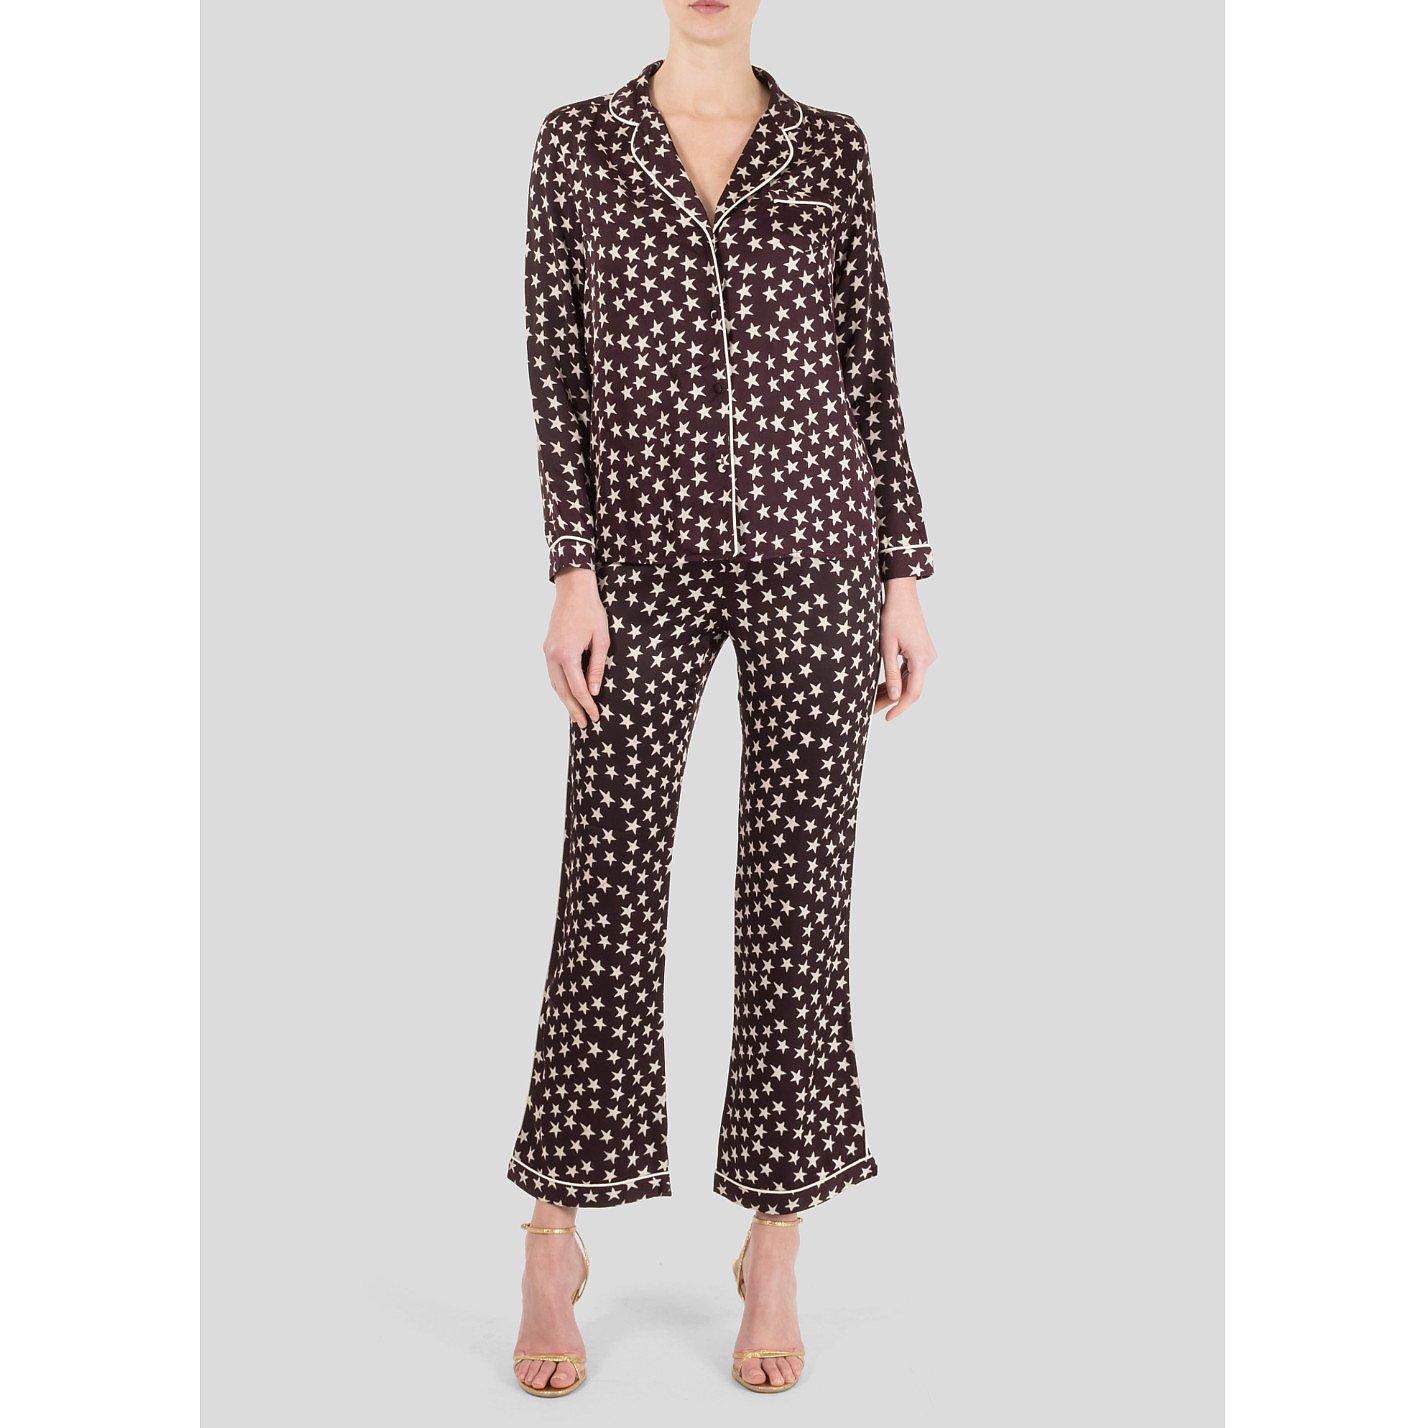 LOVE Stories Star Print Satin-Twill Pyjama Set